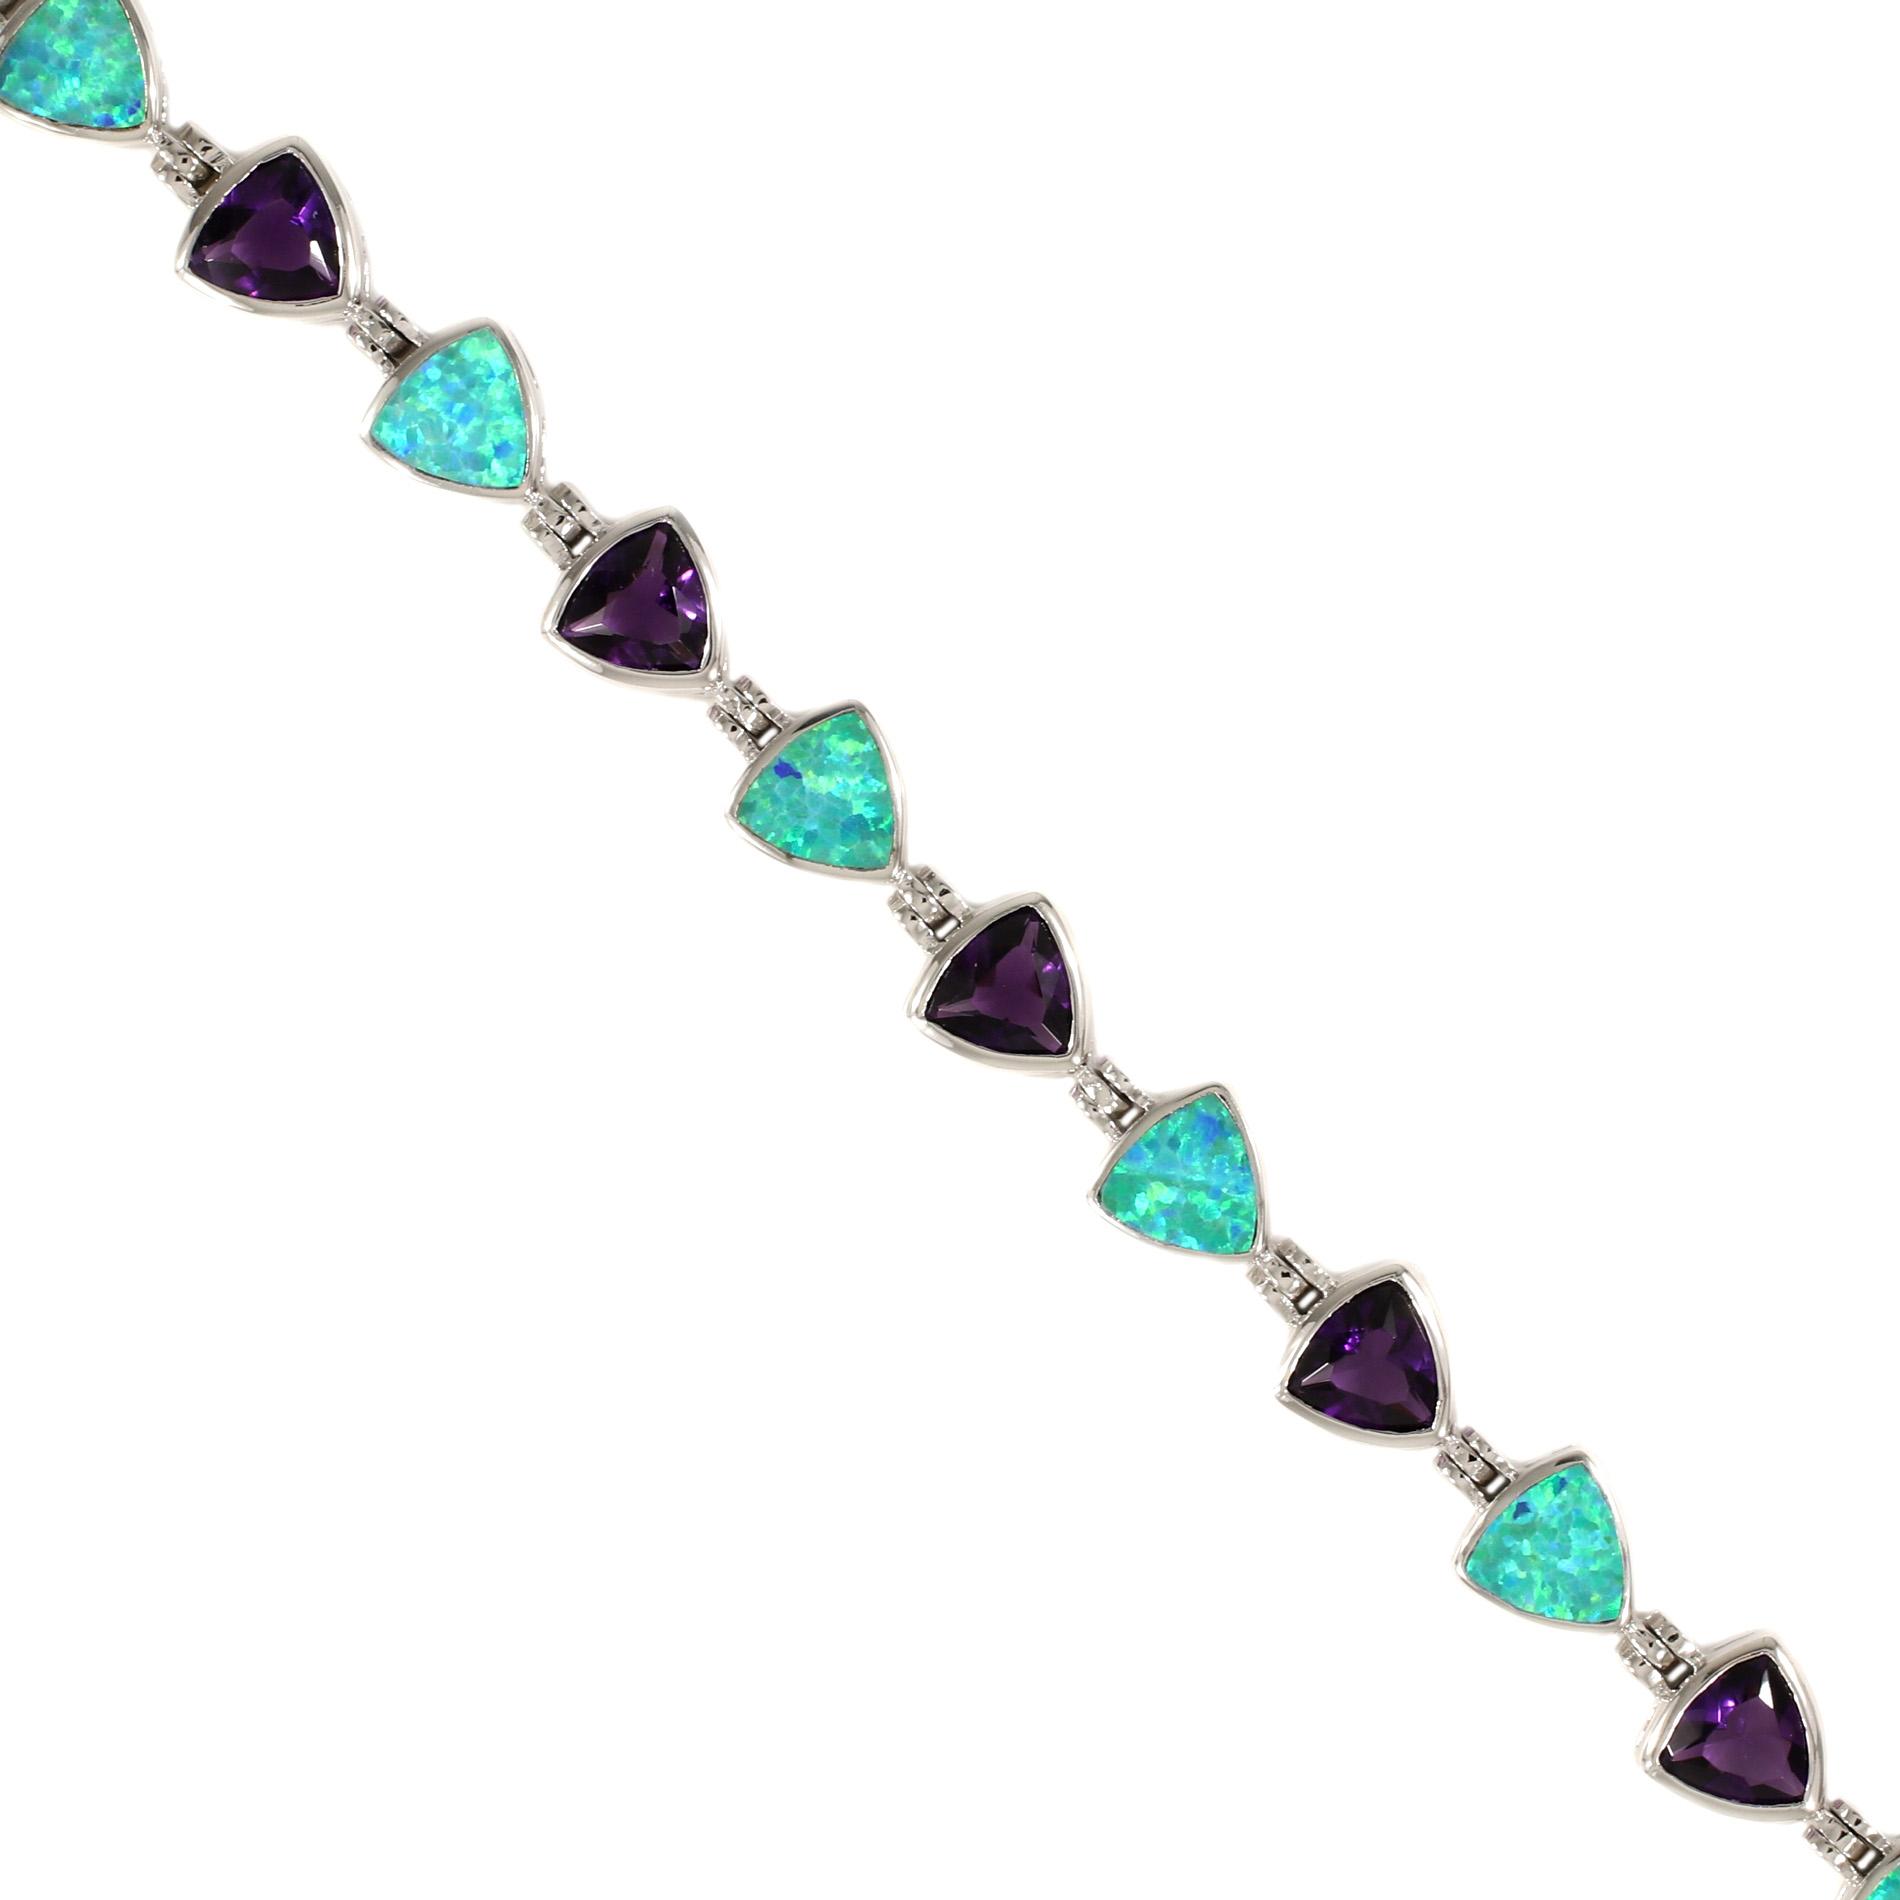 Opal & Amethyst Bracelet